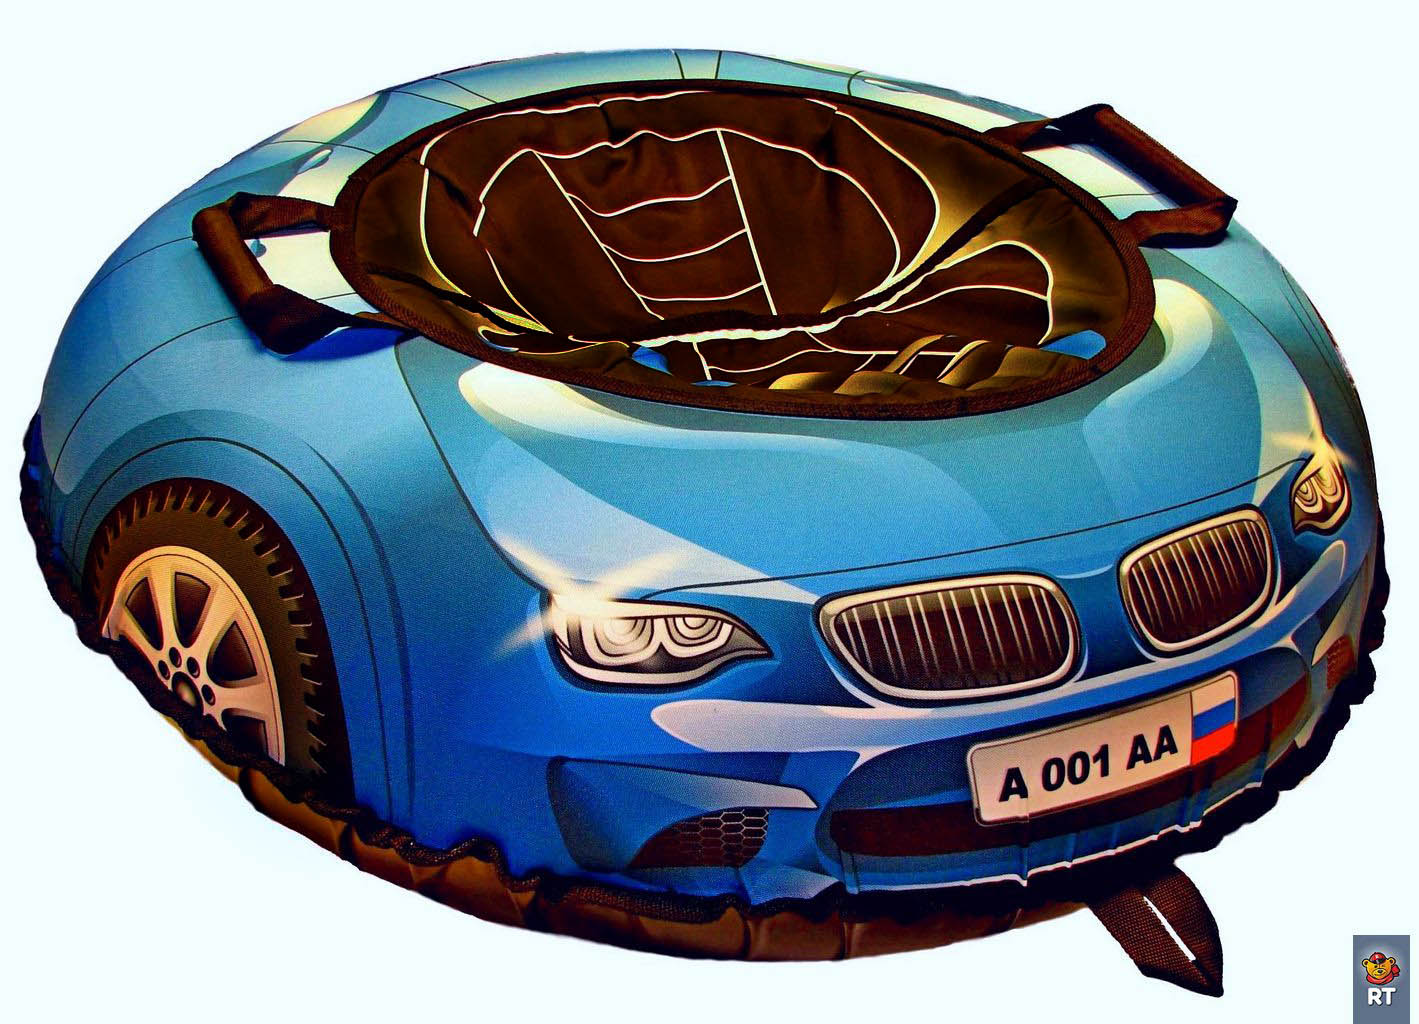 Тюбинг из серии Эксклюзив - Super Car Bmw, синий, диаметр 100 см